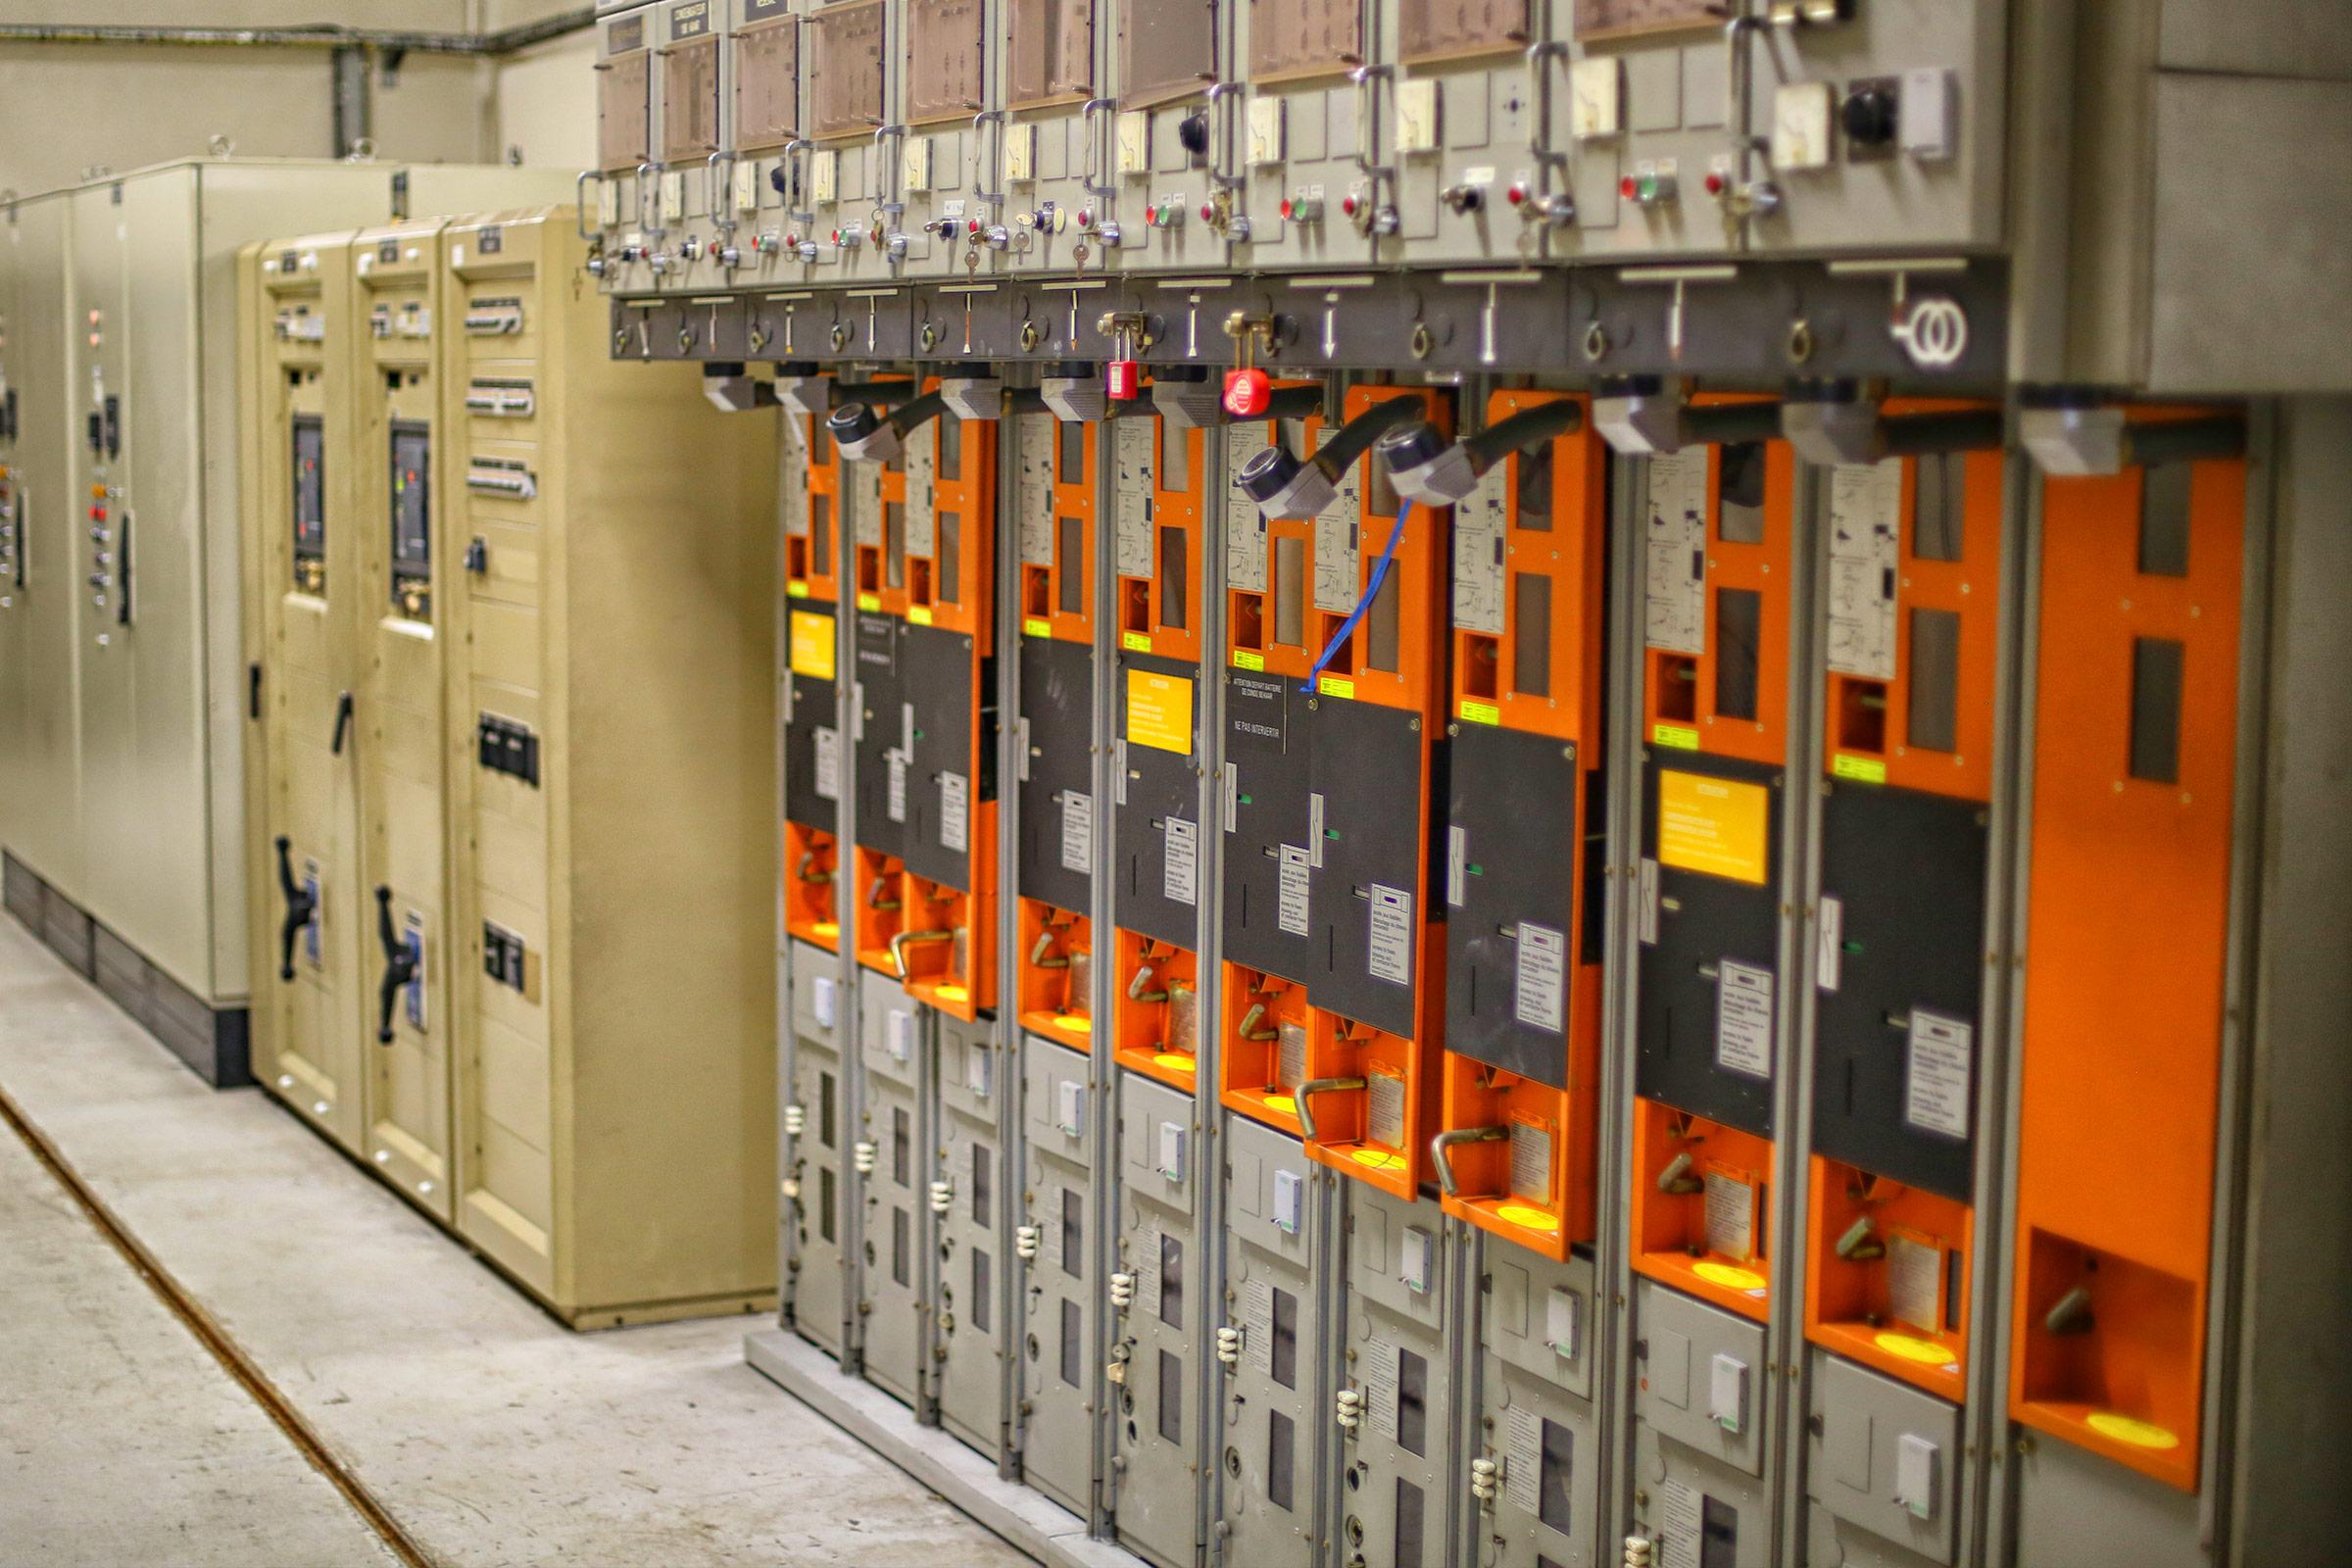 Les différents équipements de gestion de la station de pompage